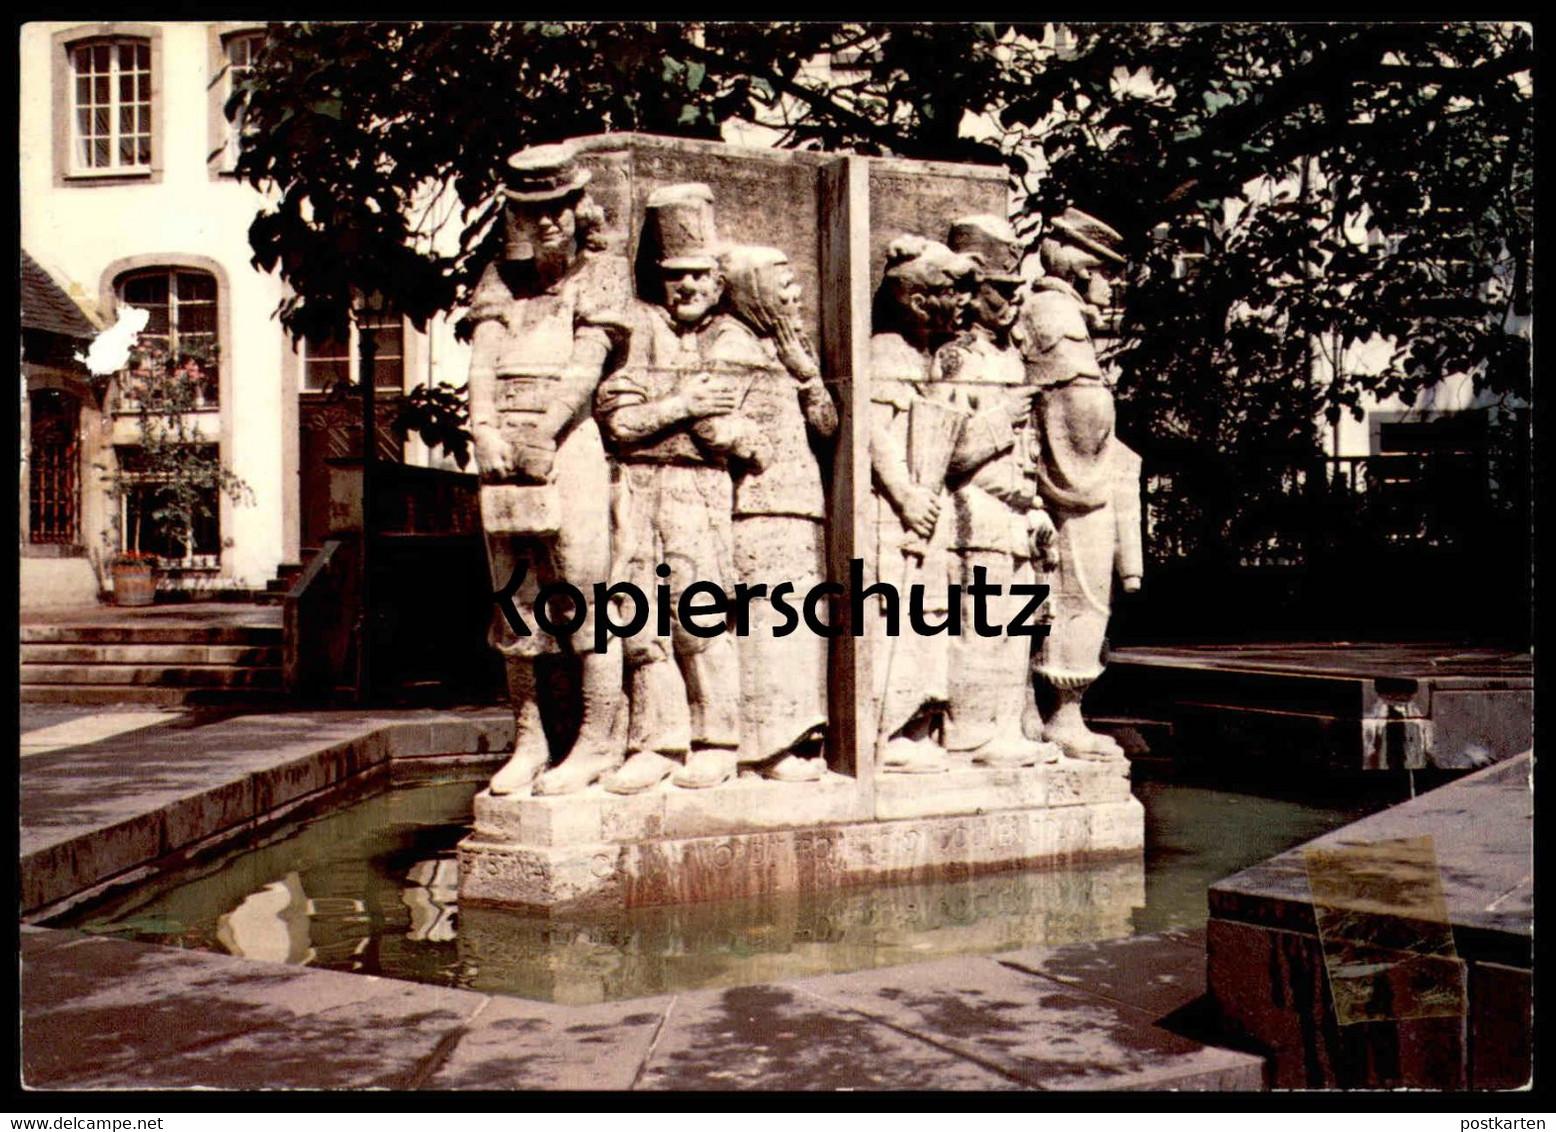 POSTKARTE KÖLN OSTERMANNBRUNNEN Brunnen Willi Ostermann Fountain Well Fontaine Puits Koeln cpa postcard AK Ansichtskarte